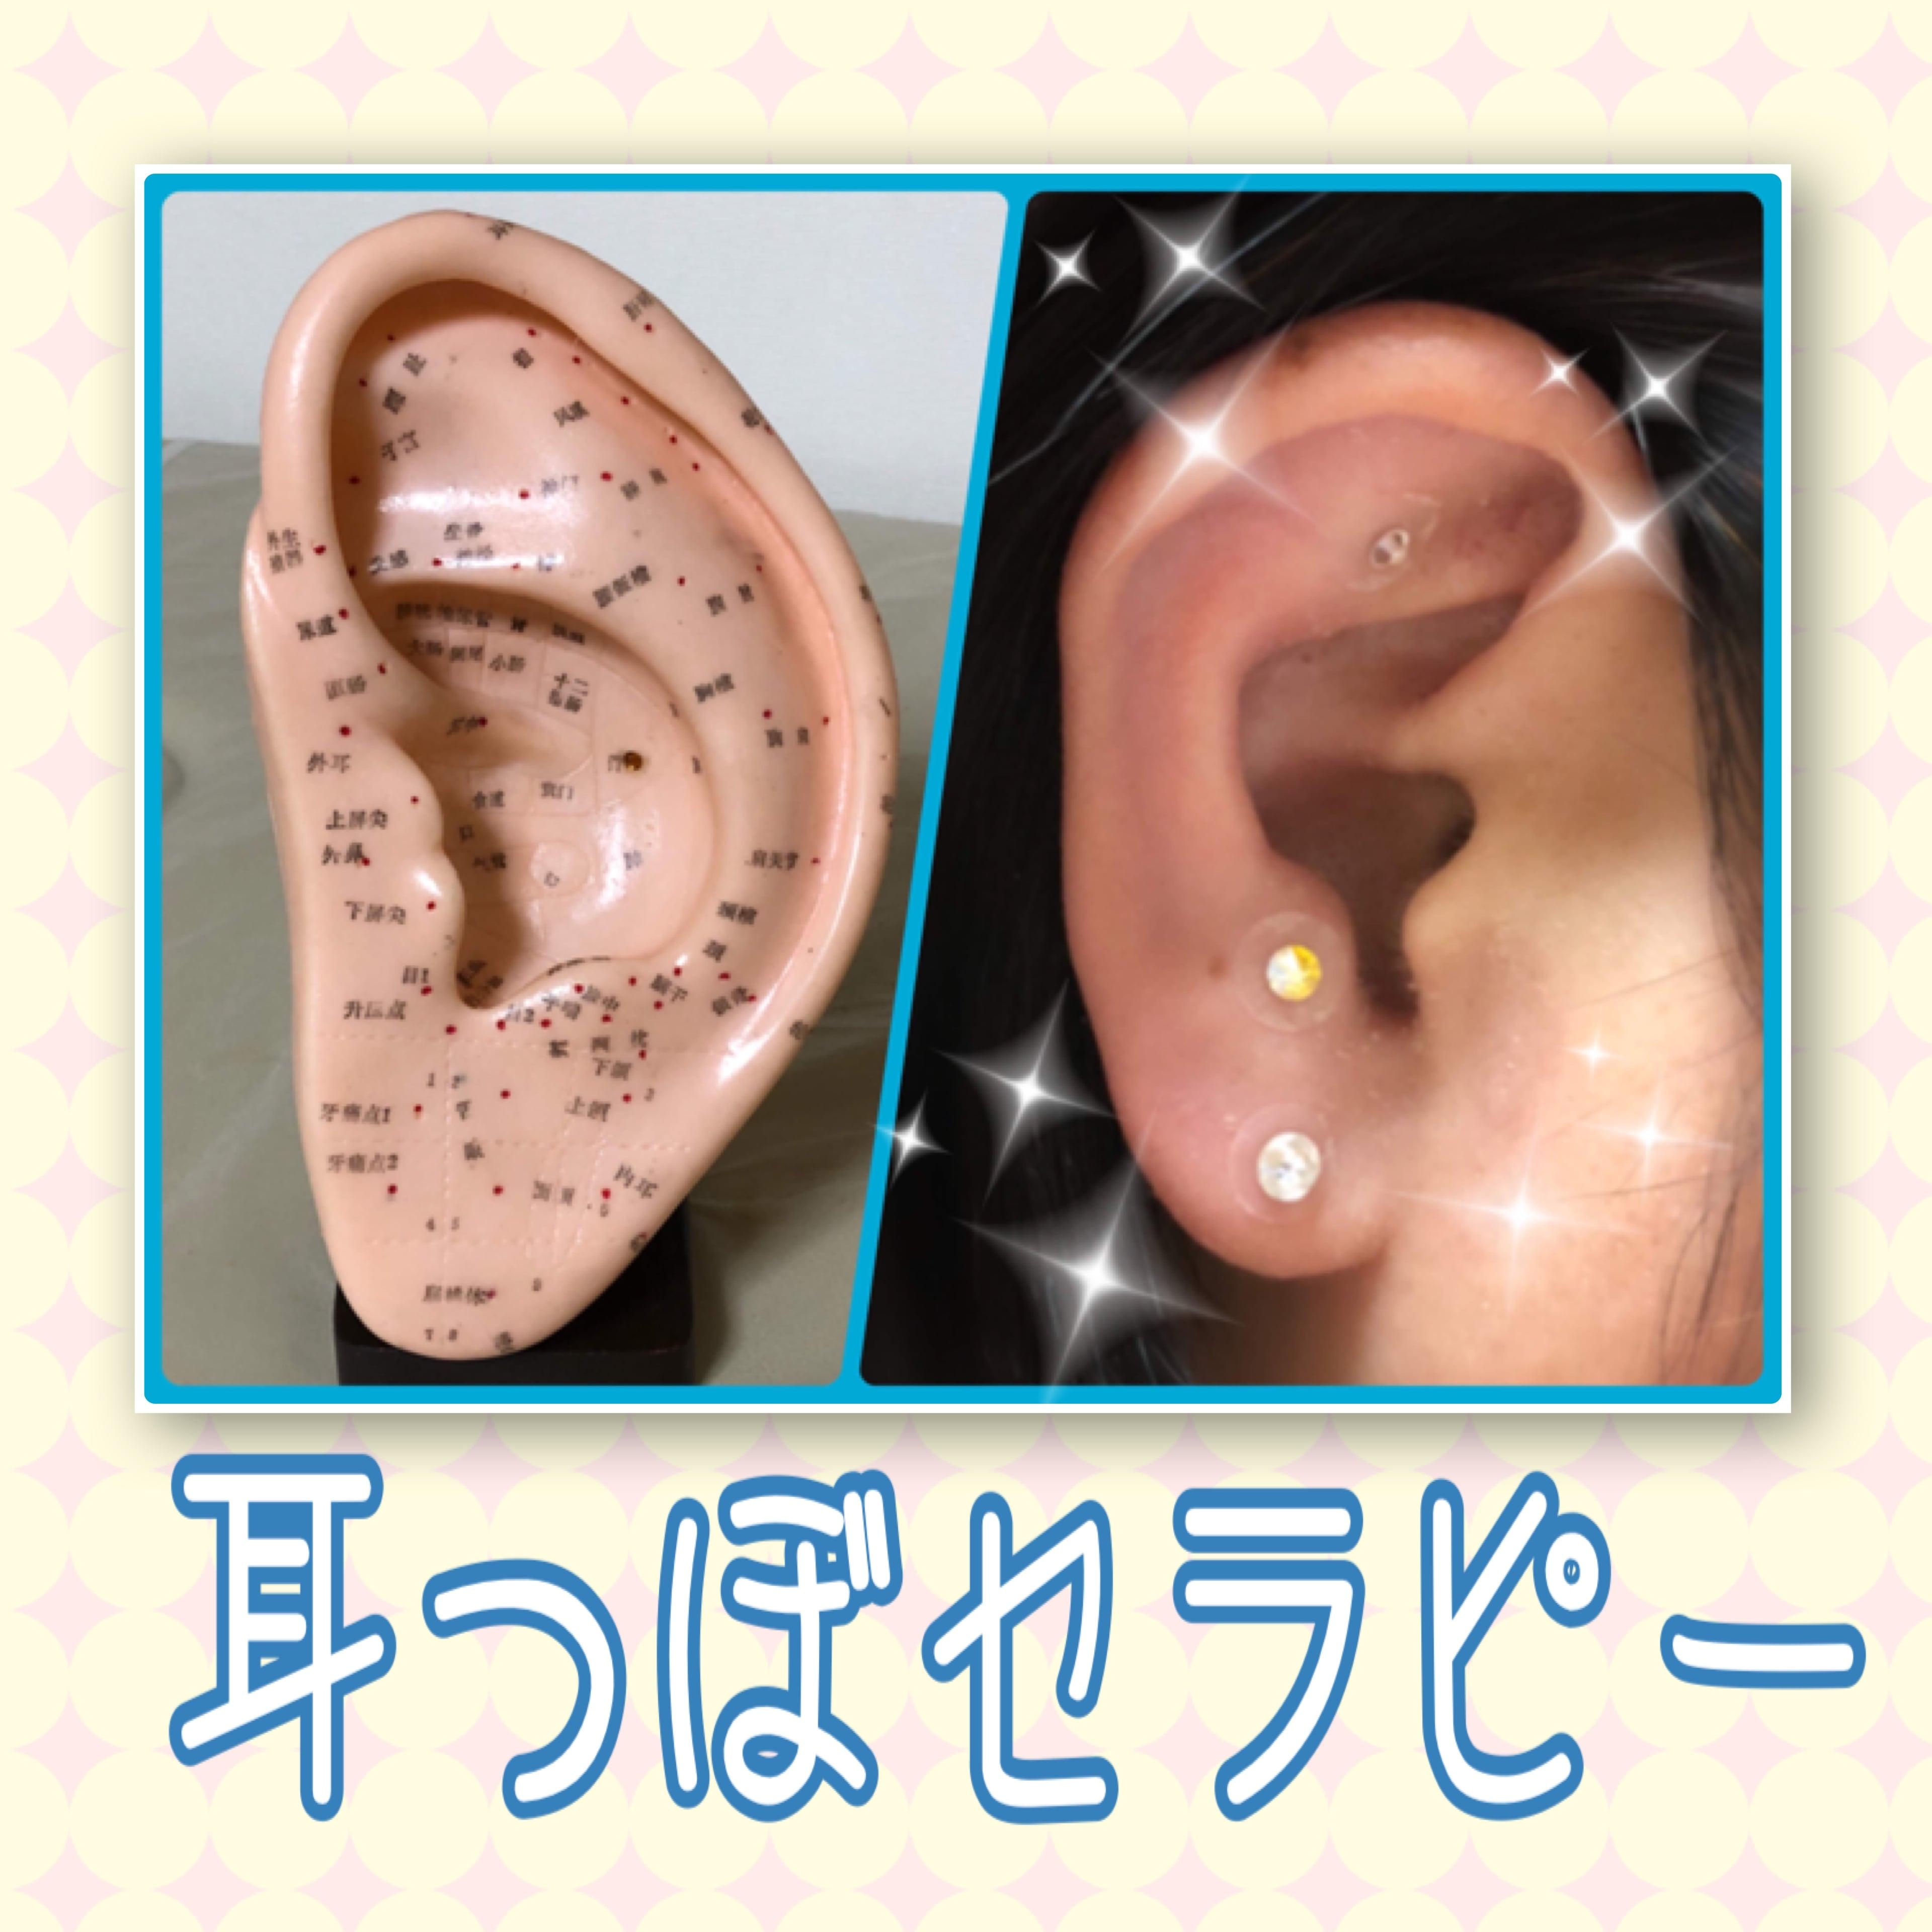 耳つぼセラピーのイメージその1